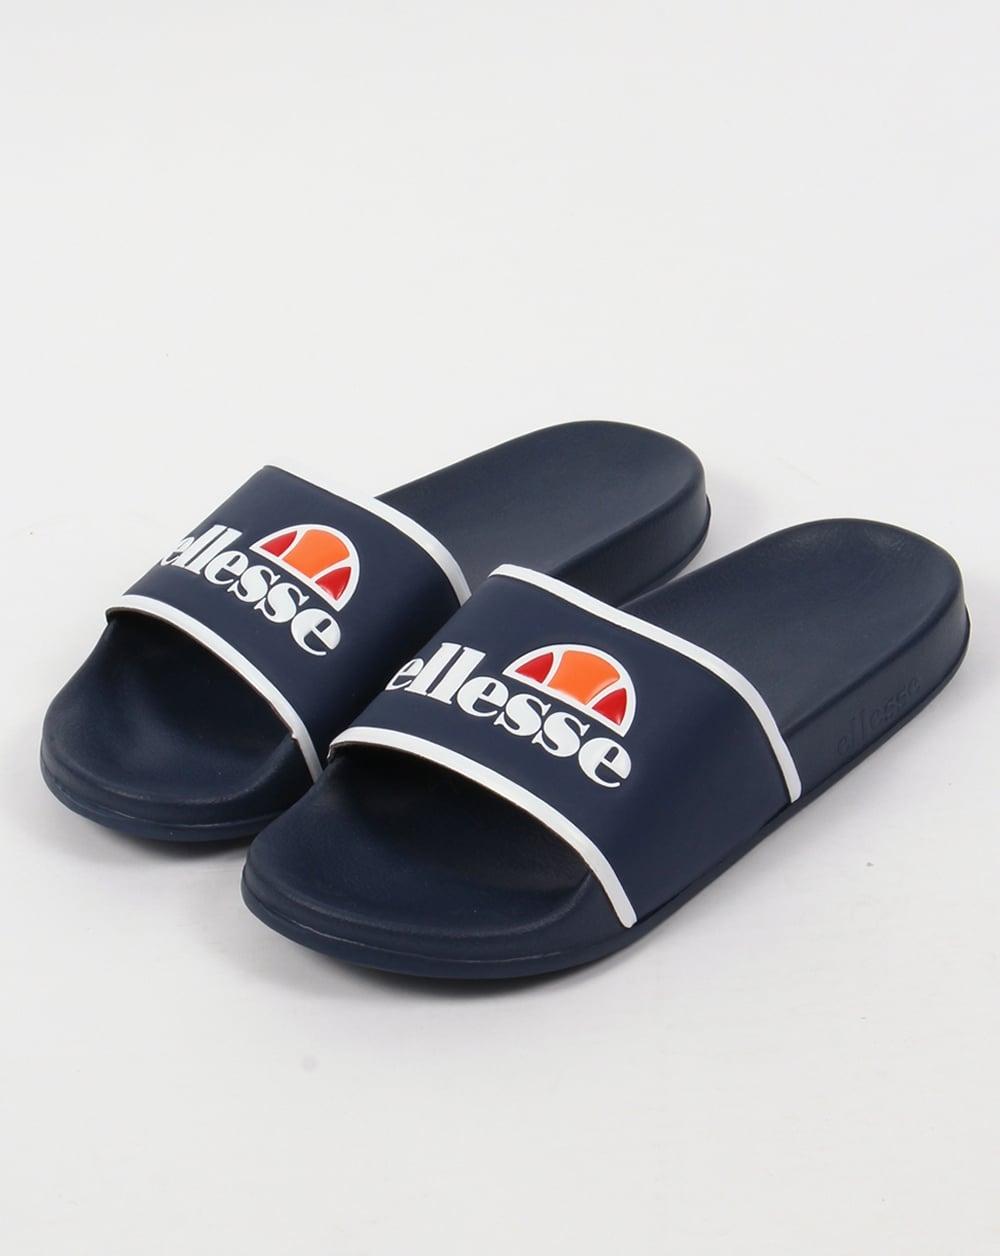 Ellesse Fillipo Sliders Navy White Sandals Pool Flip Flops